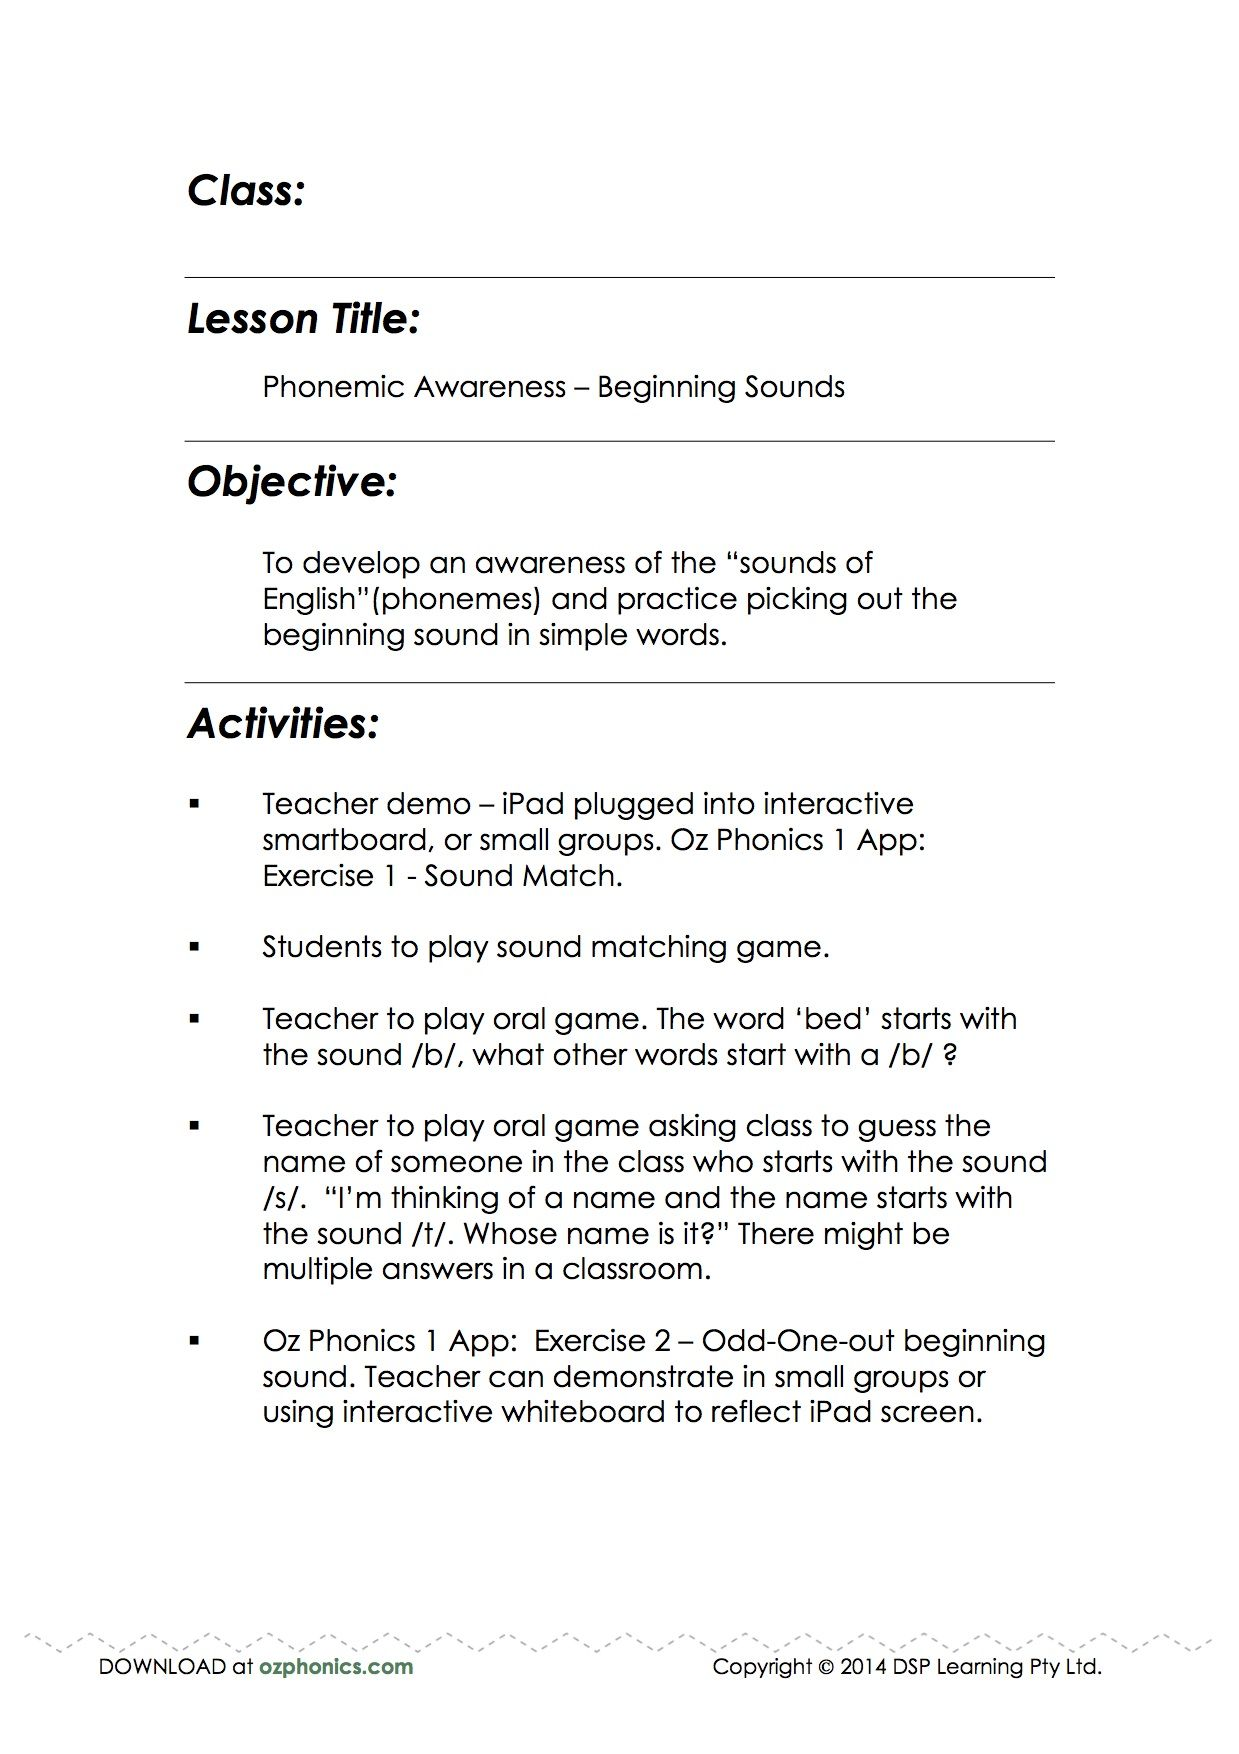 Lesson Plans Phonemic Awareness